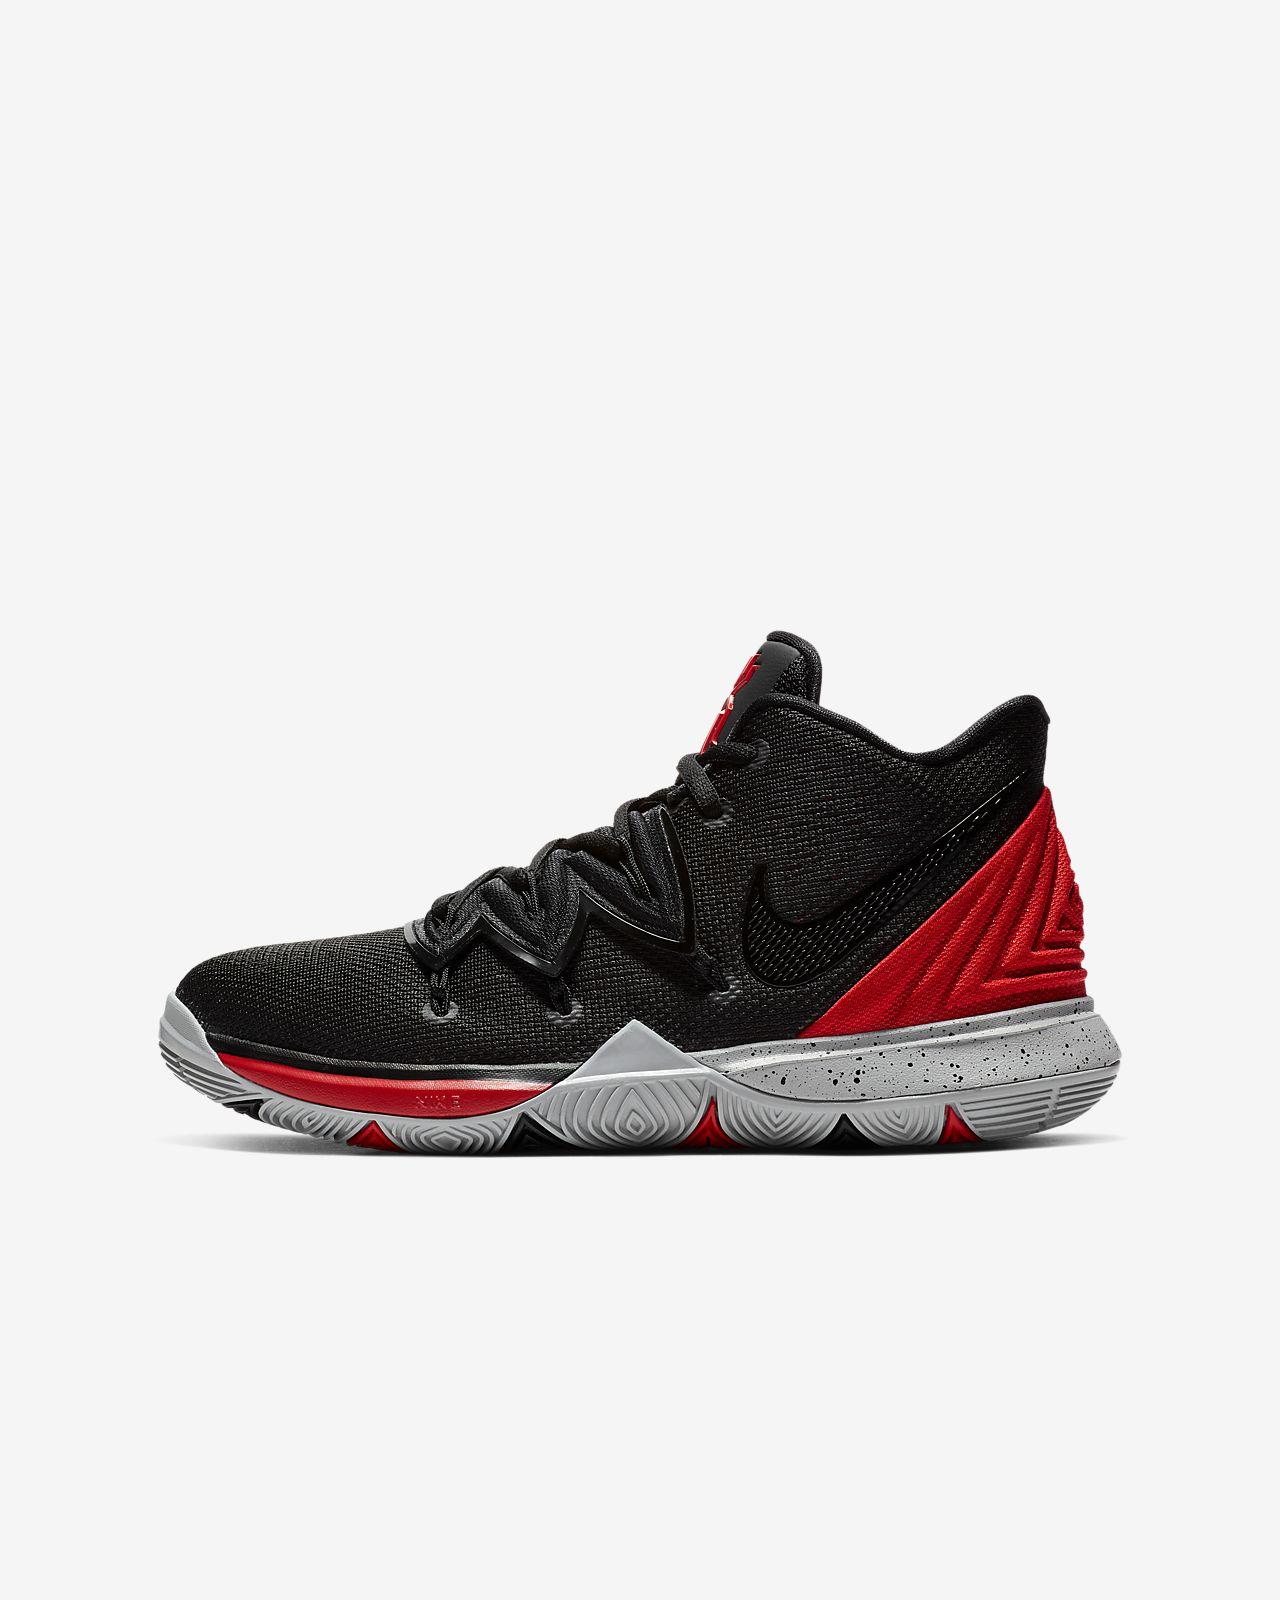 b4538130a4d9 Kyrie 5 Big Kids  Shoe. Nike.com